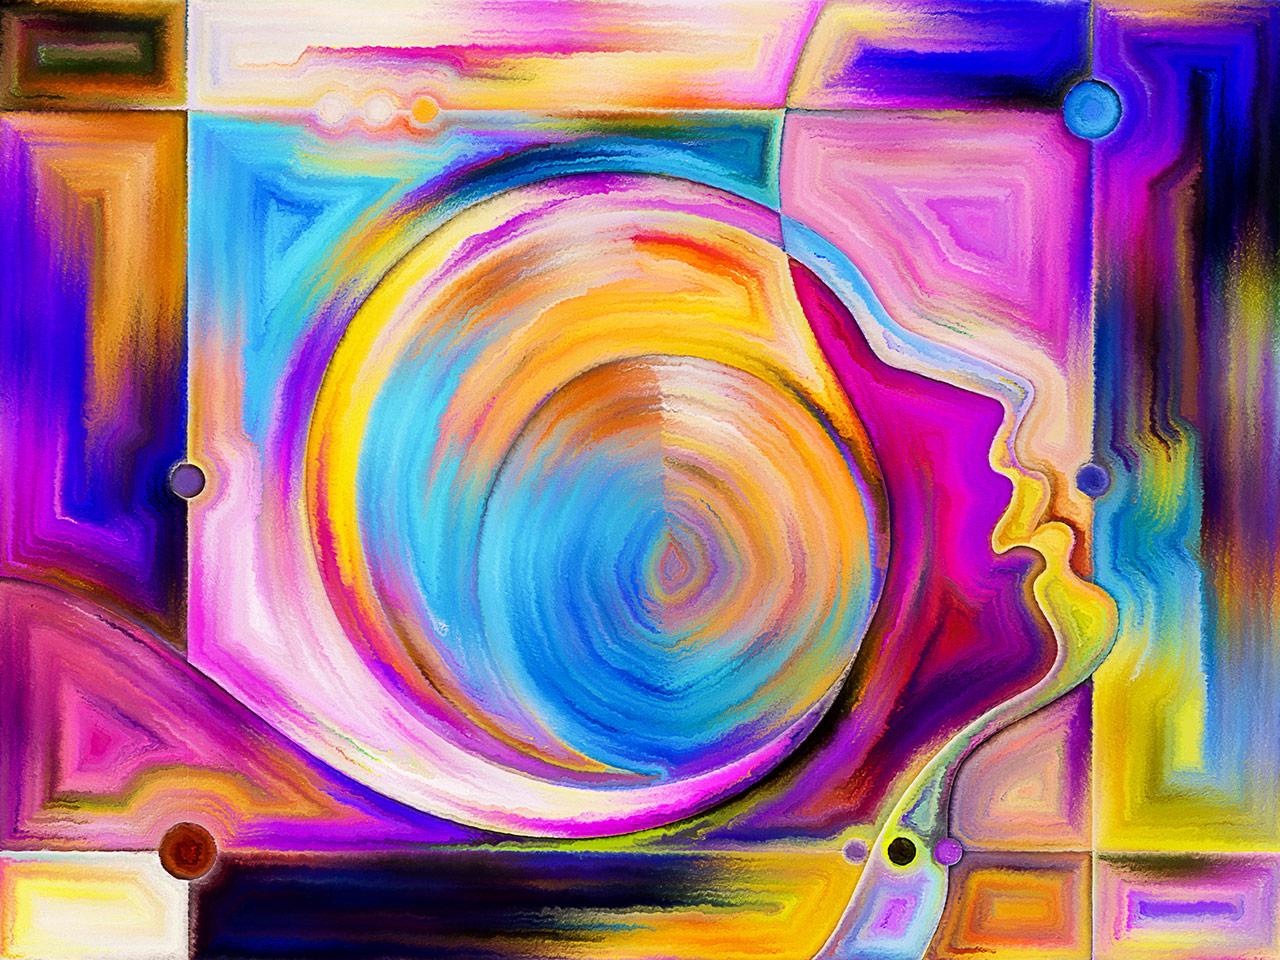 Obrazy energetyczne – pozytywne oddziaływanie kolorem i formą